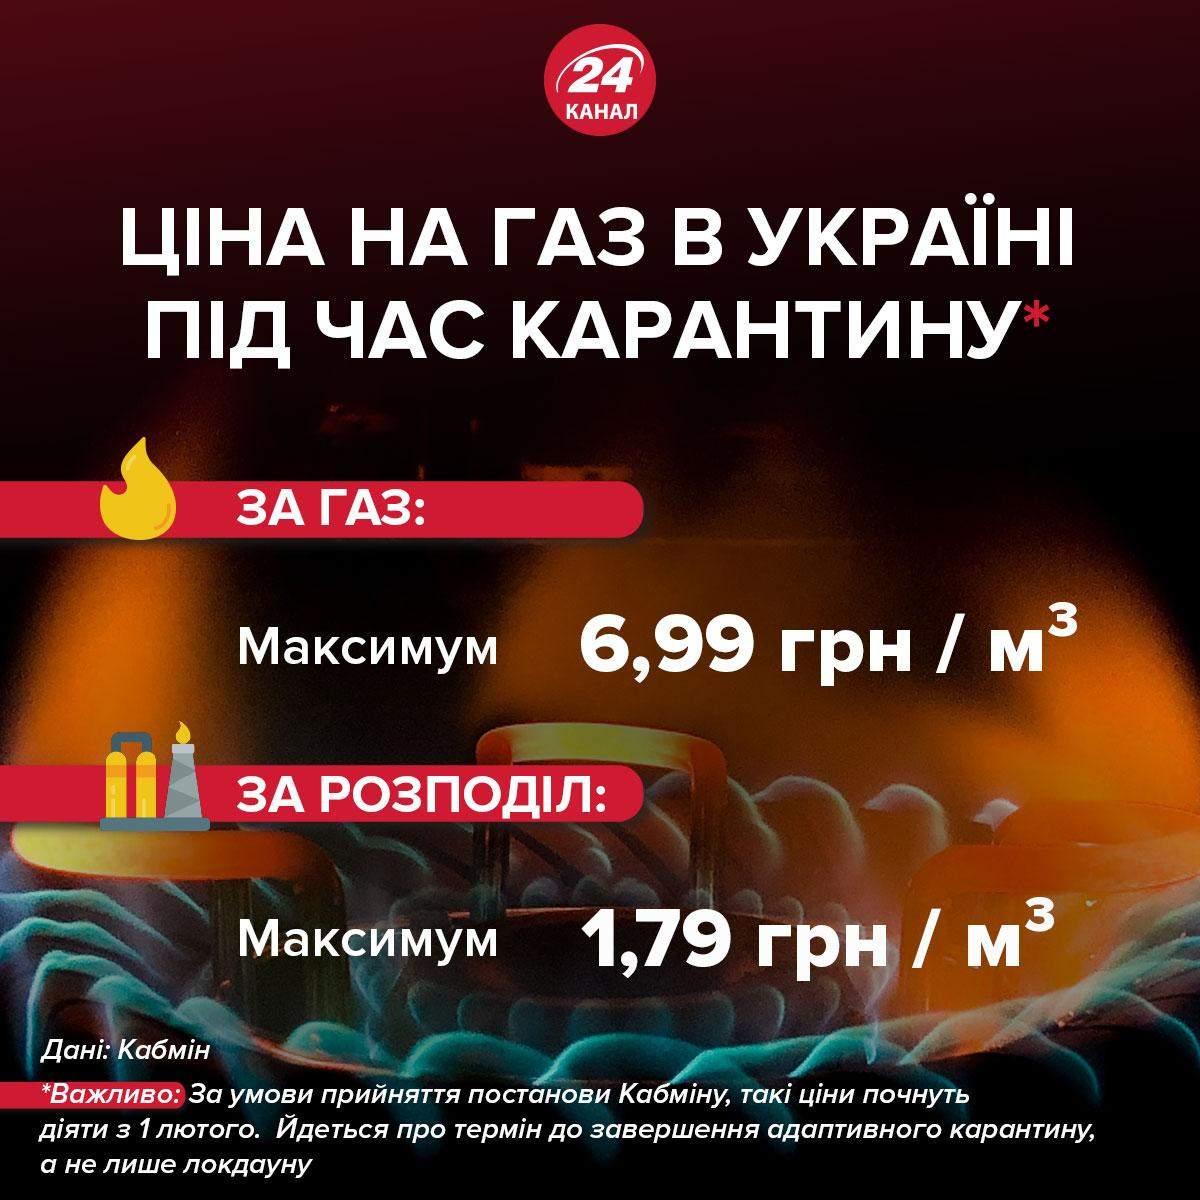 Цены на газ в Украине инфографика 24 канал